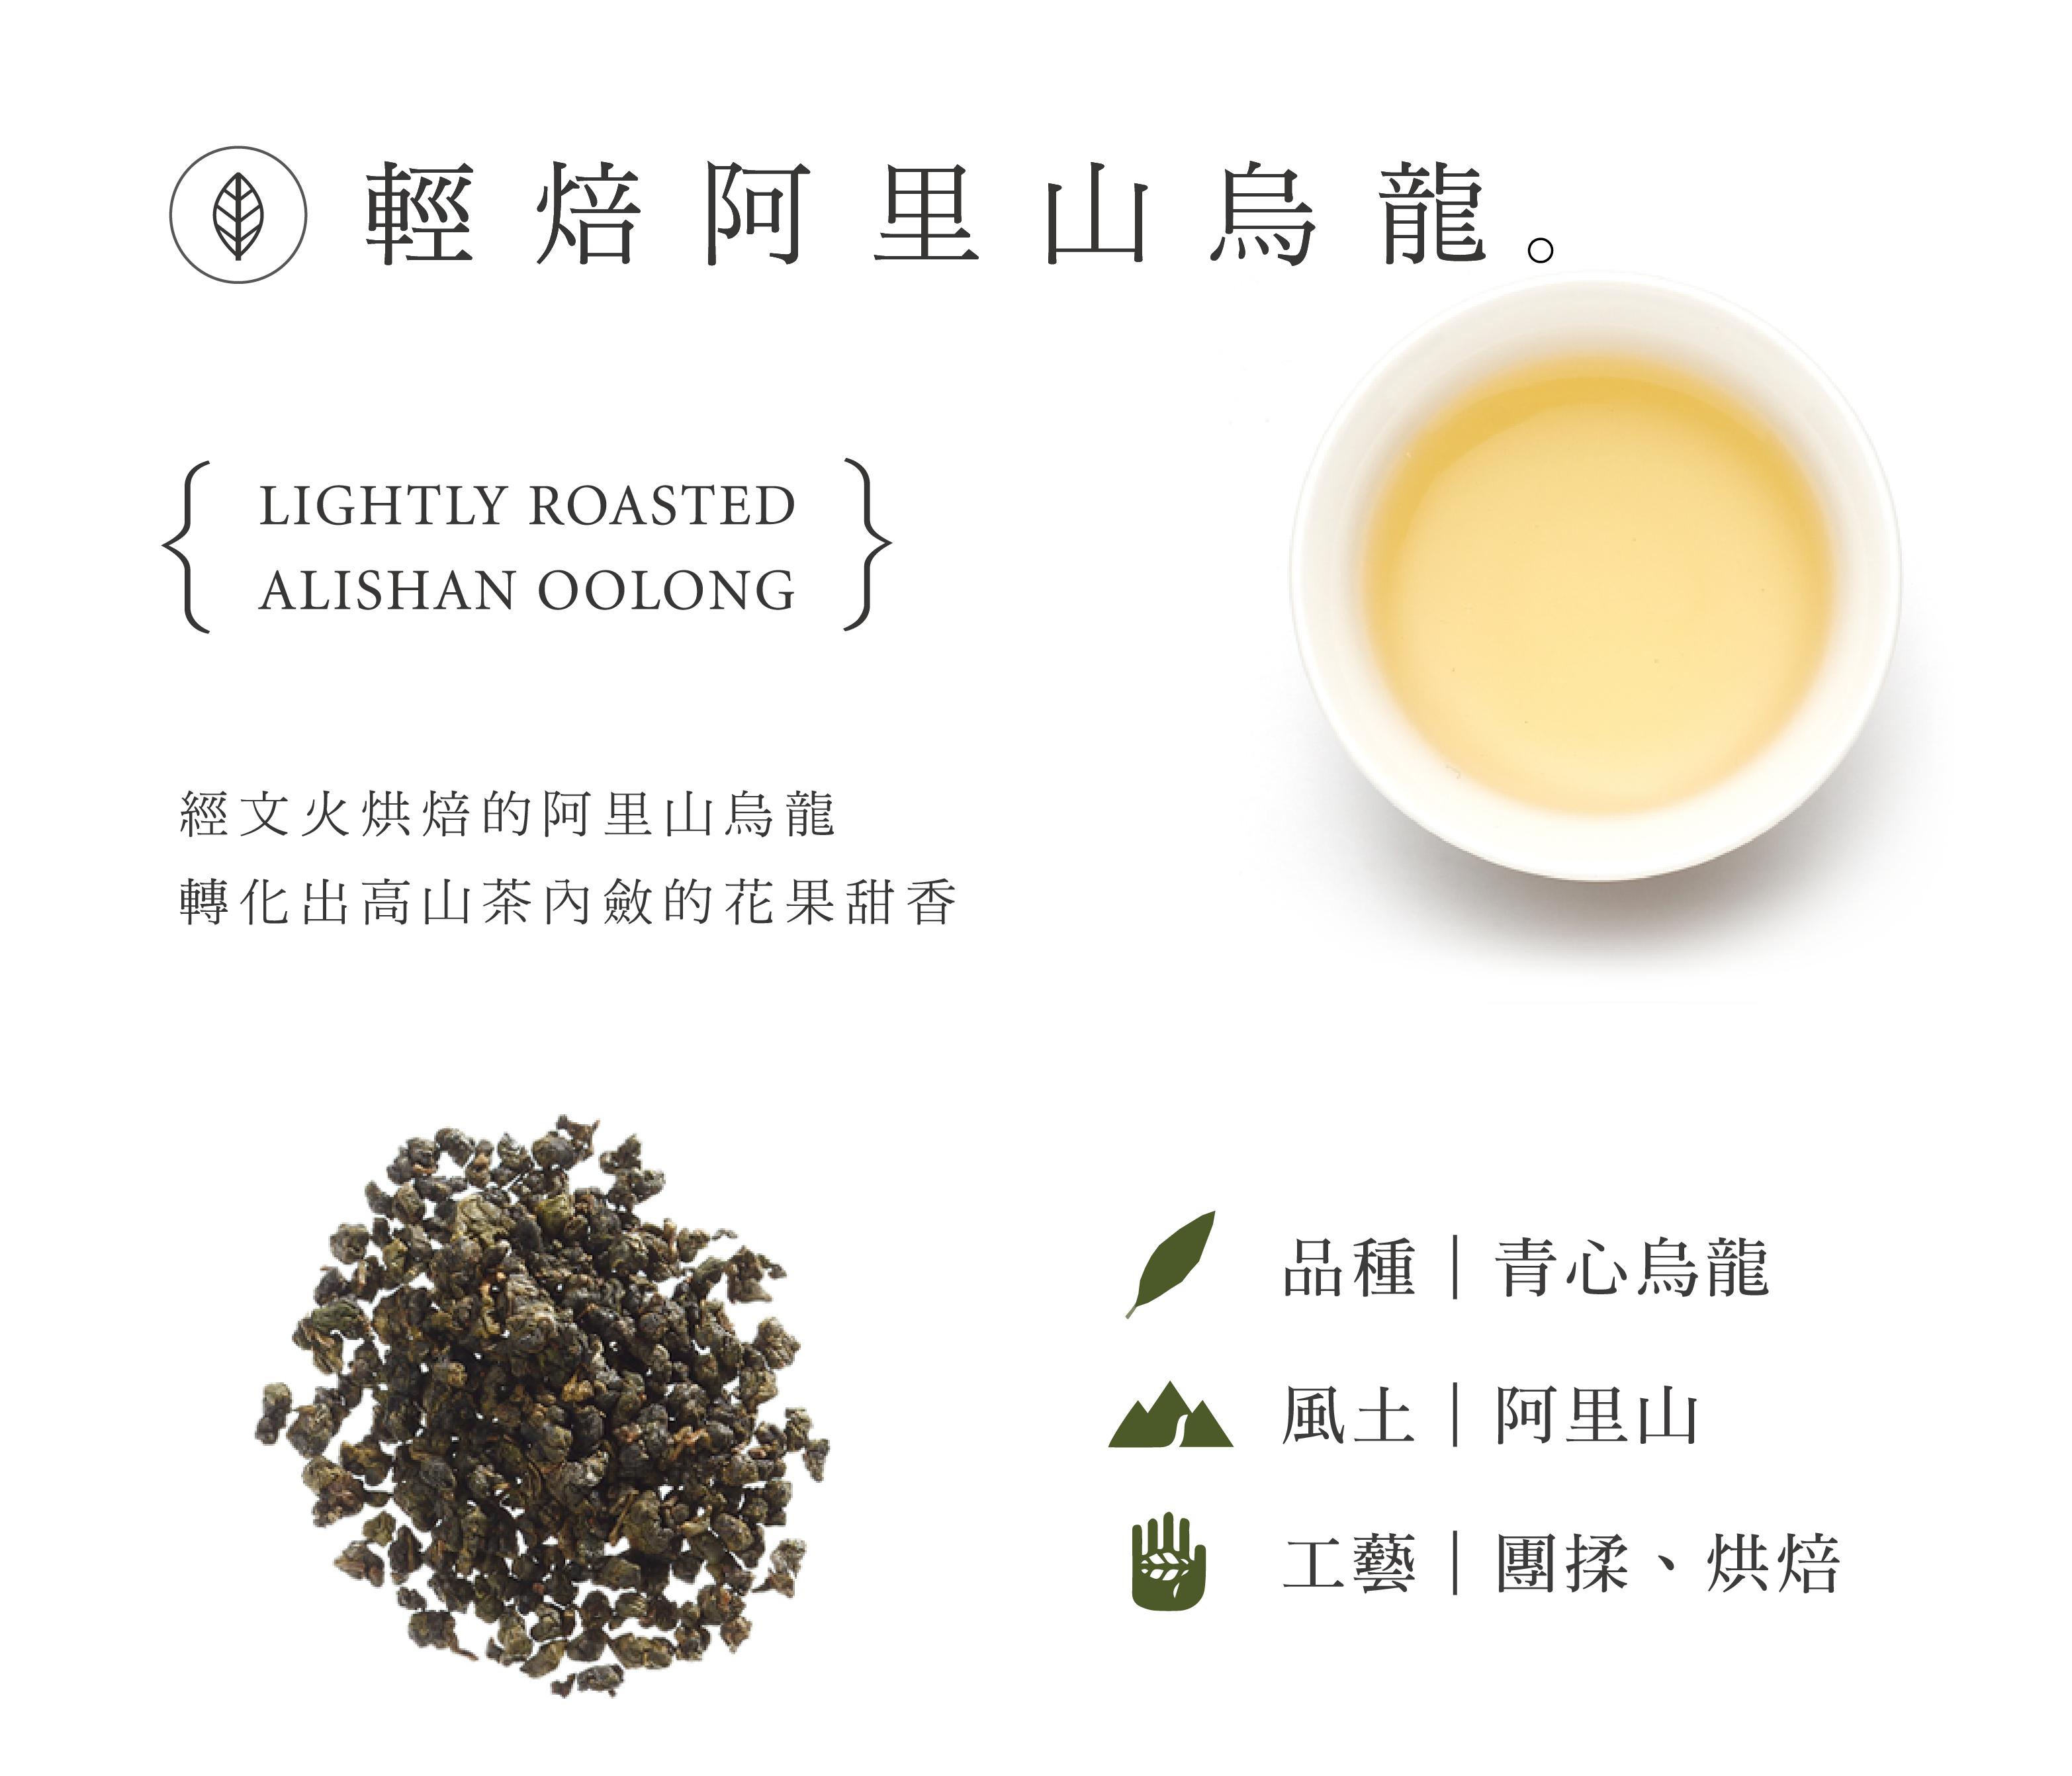 輕焙阿里山烏龍 經文火烘焙的阿里山烏龍,轉化出高山茶內斂的花果甜香。